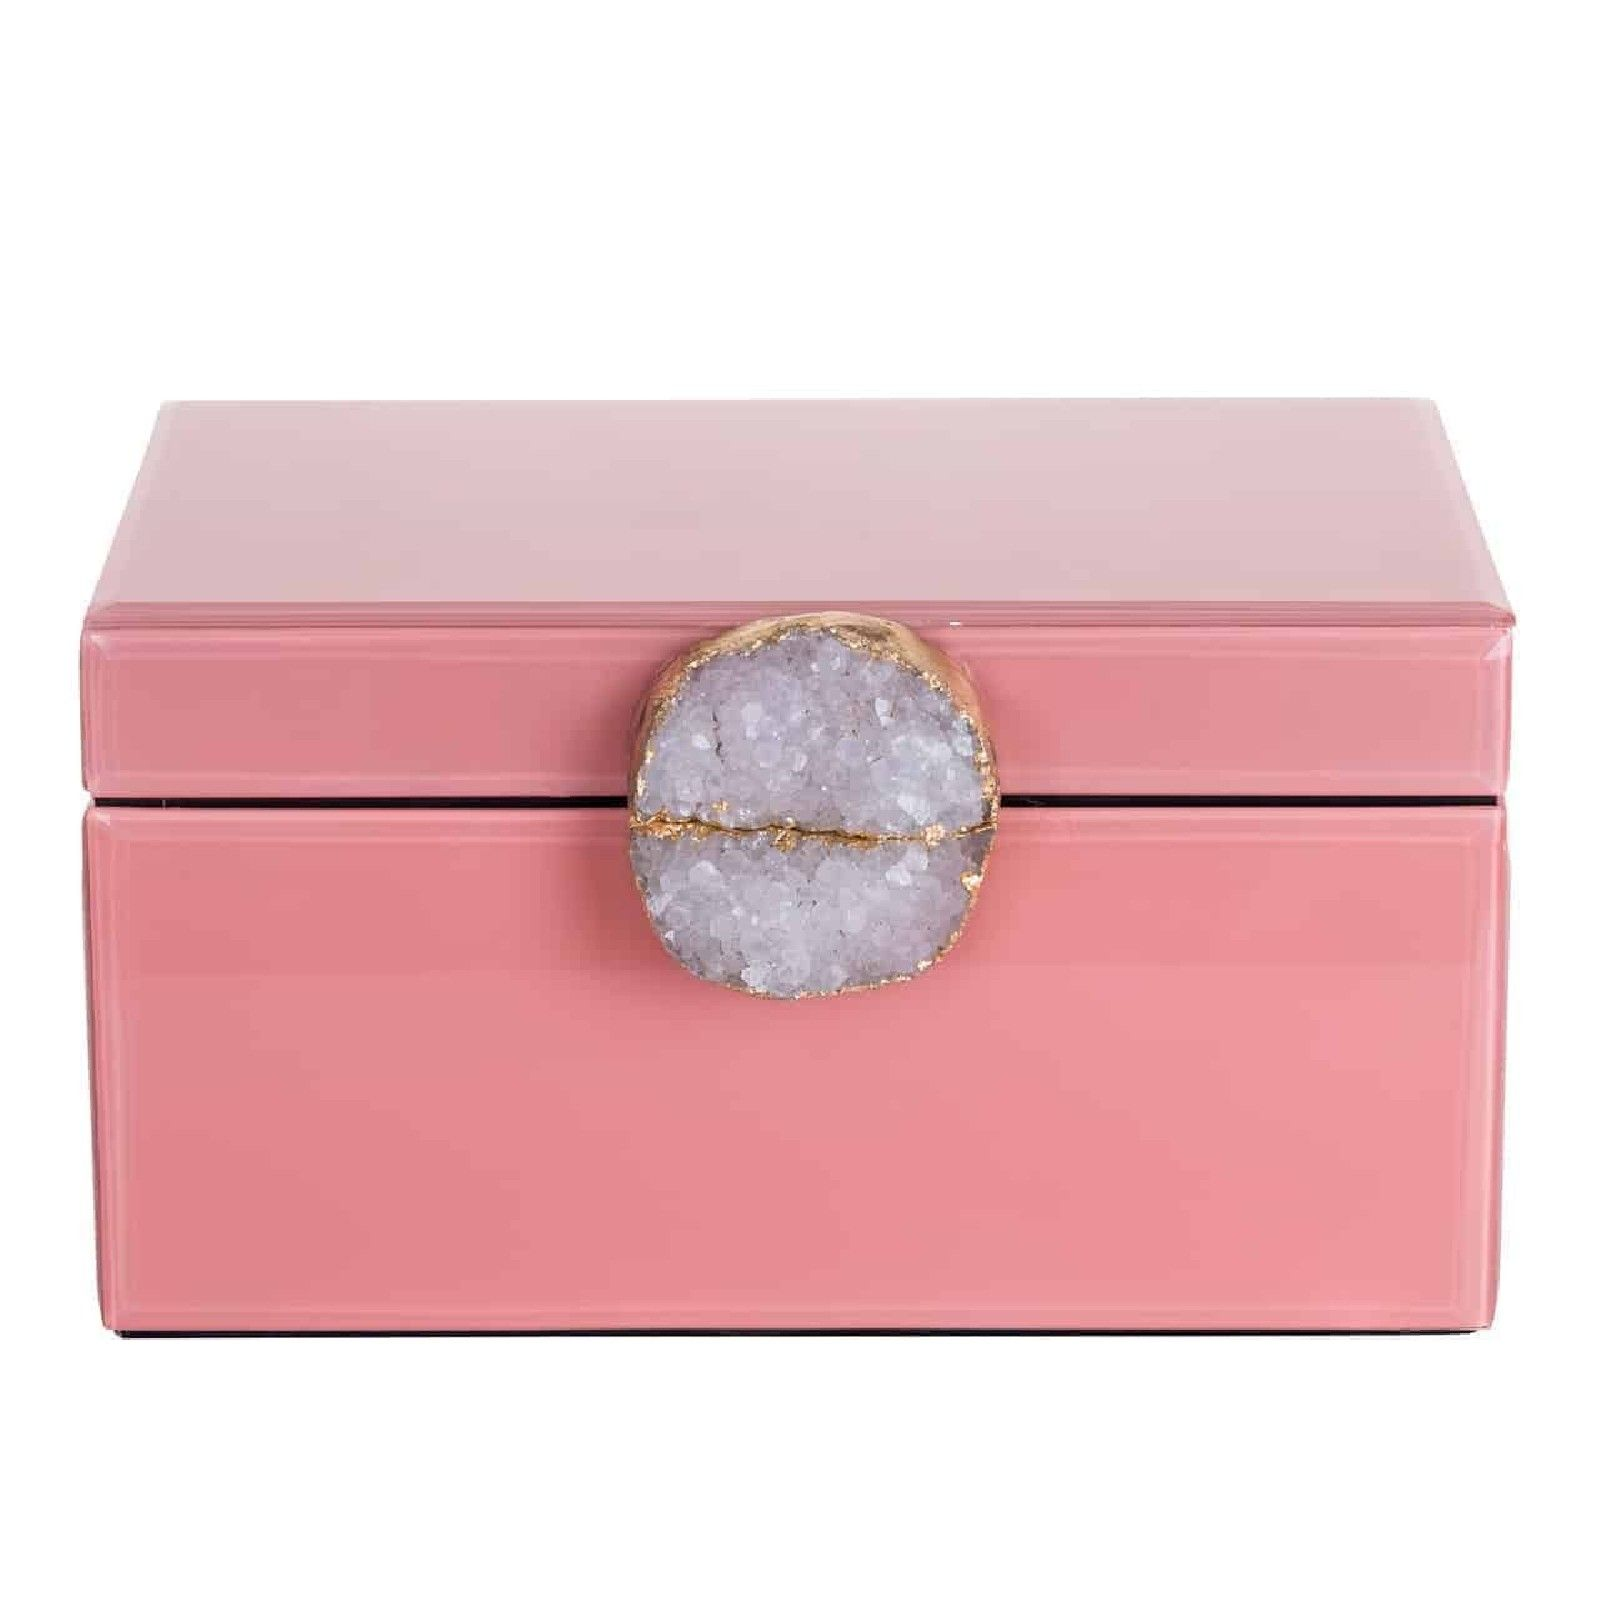 Boîte à bijoux Maisie rose Boîtes décoratives - 25